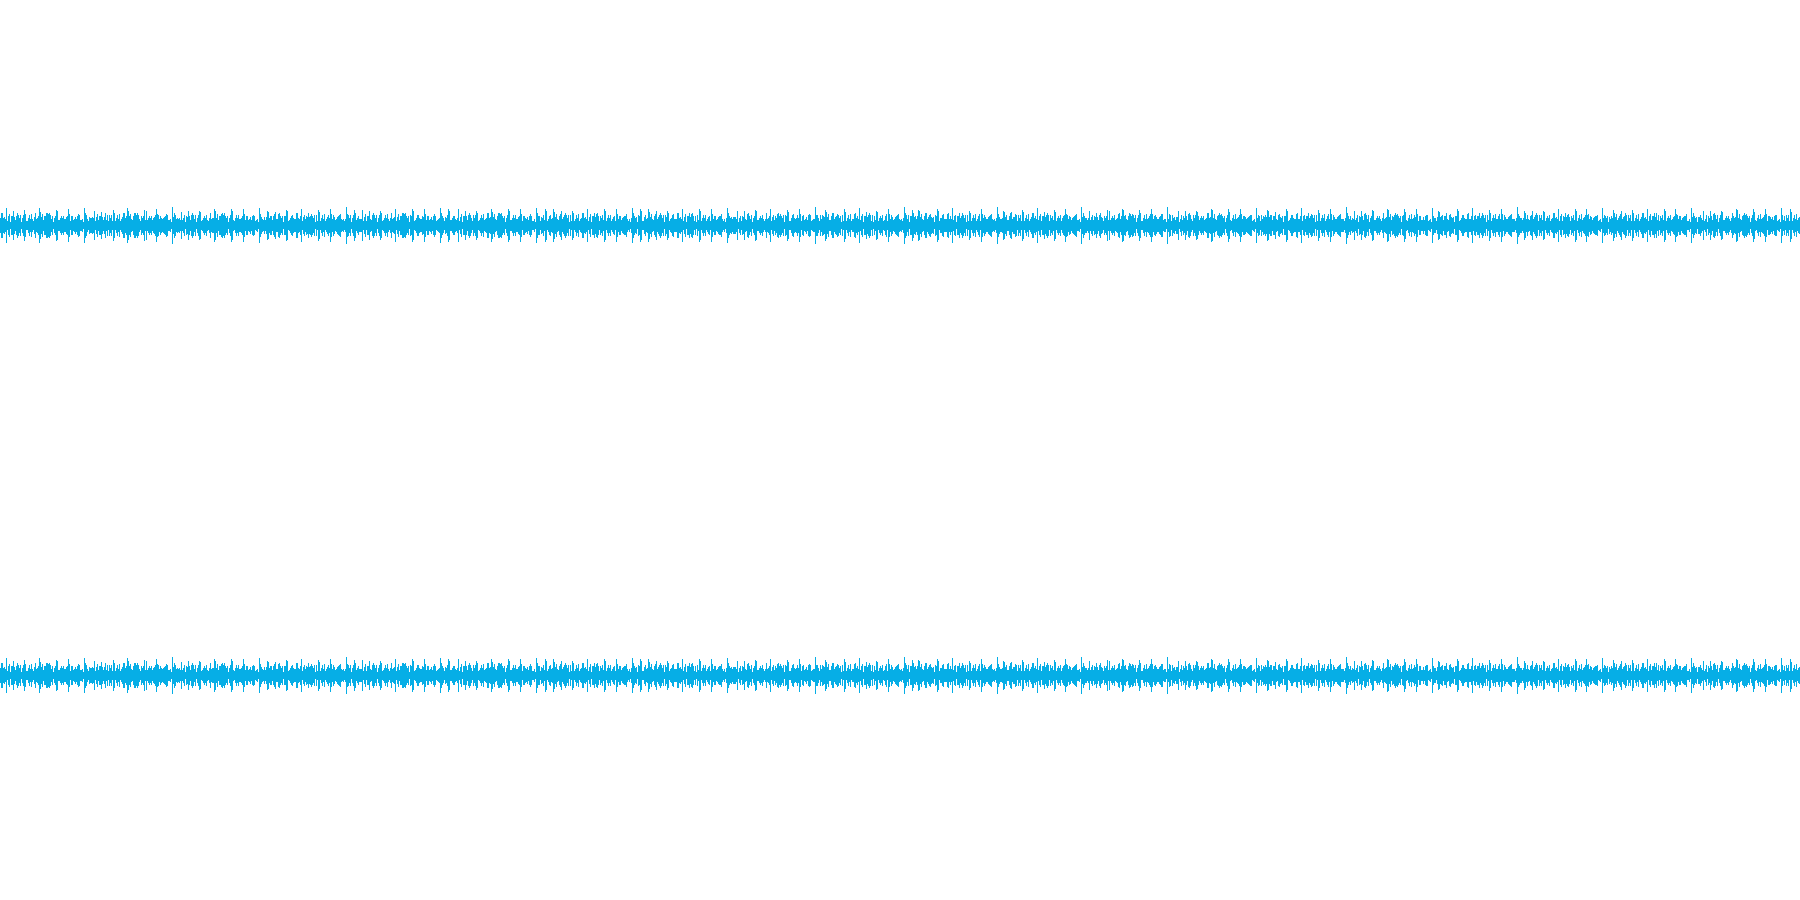 フライを揚げる音の再生済みの波形